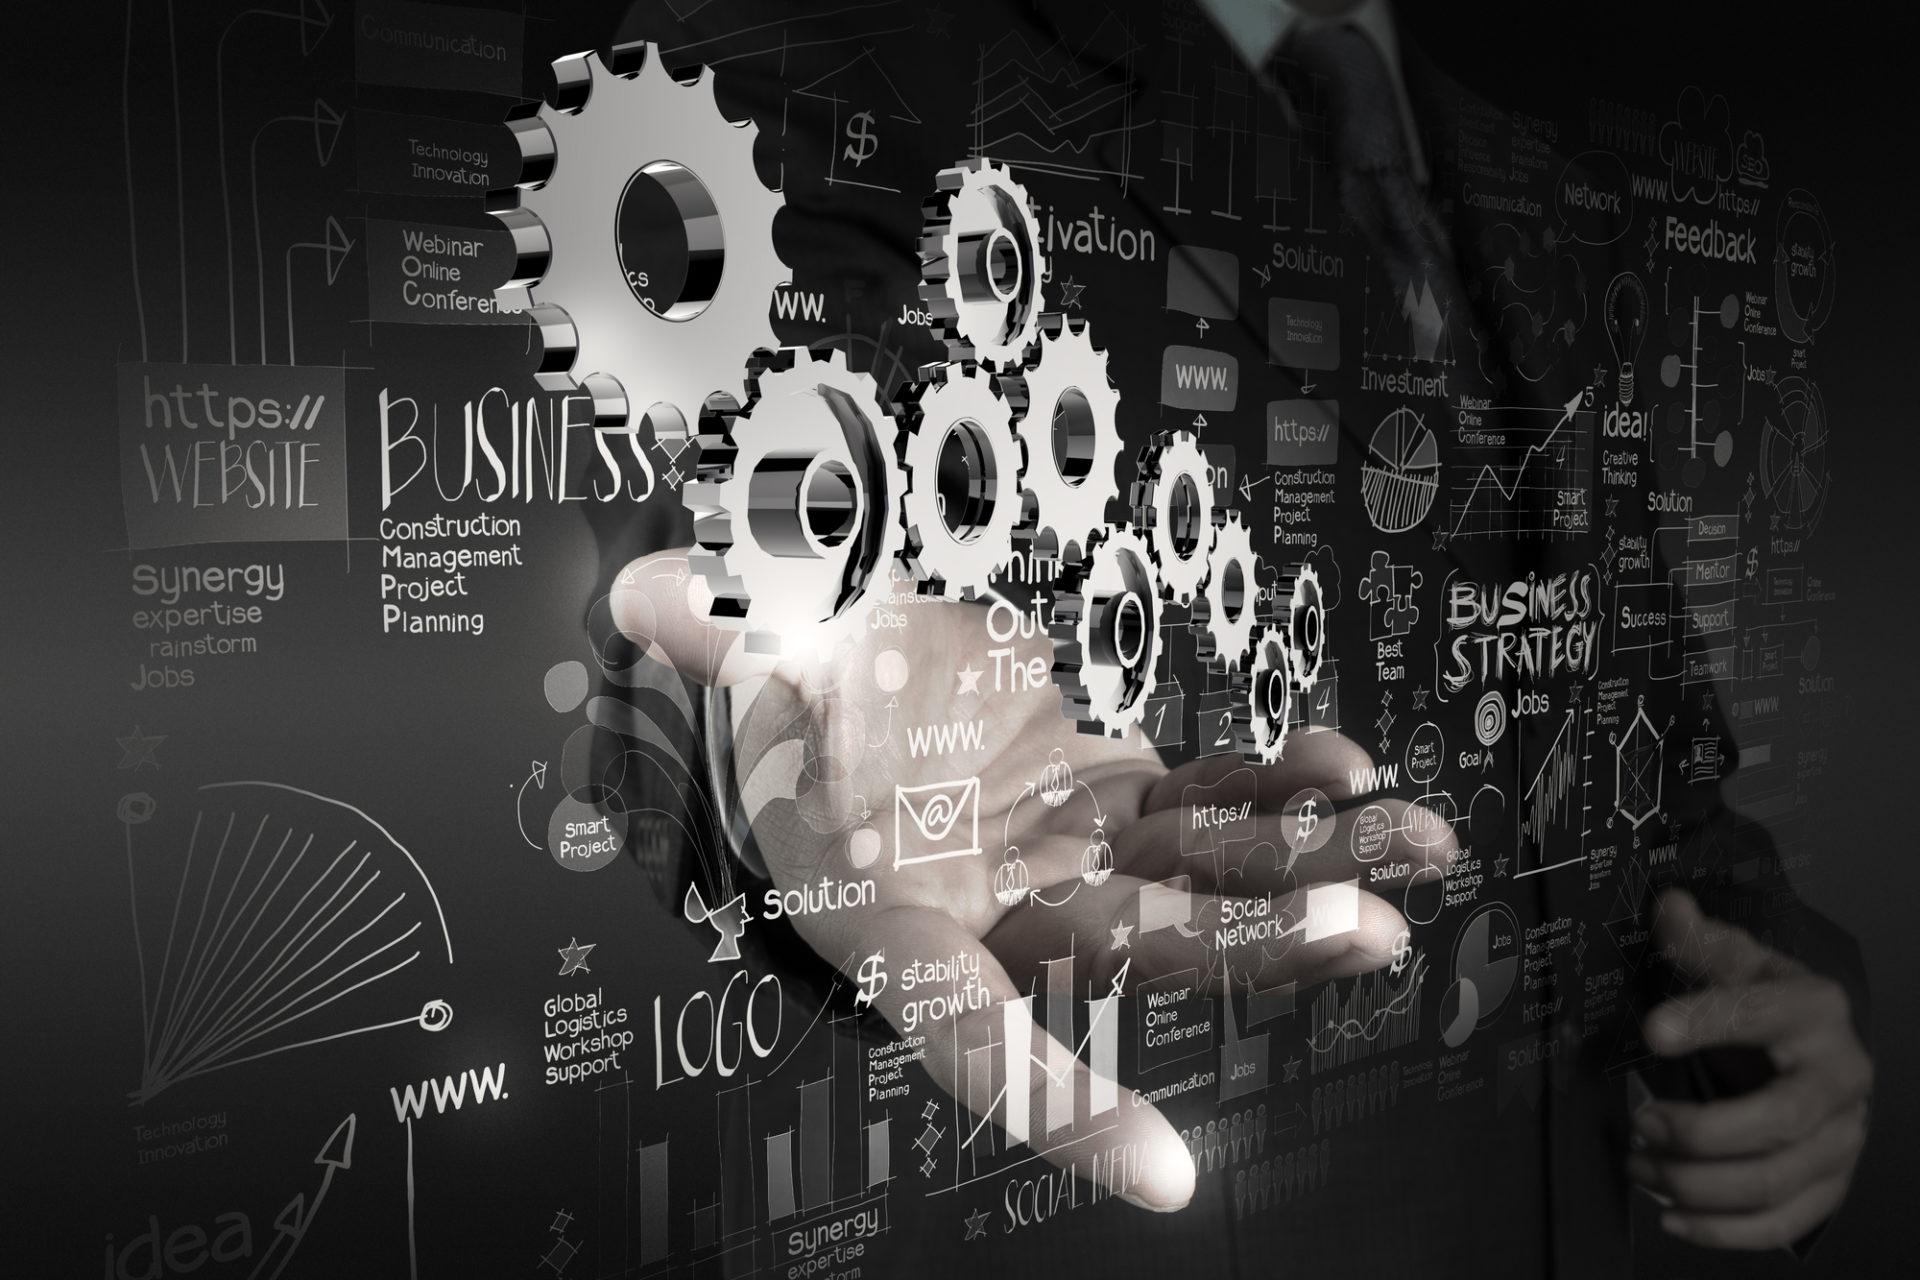 Modell mit Zahnrädern in der Hand, Darstellung für die Planung und Umsetzung digitaler Geschäftsprozesse